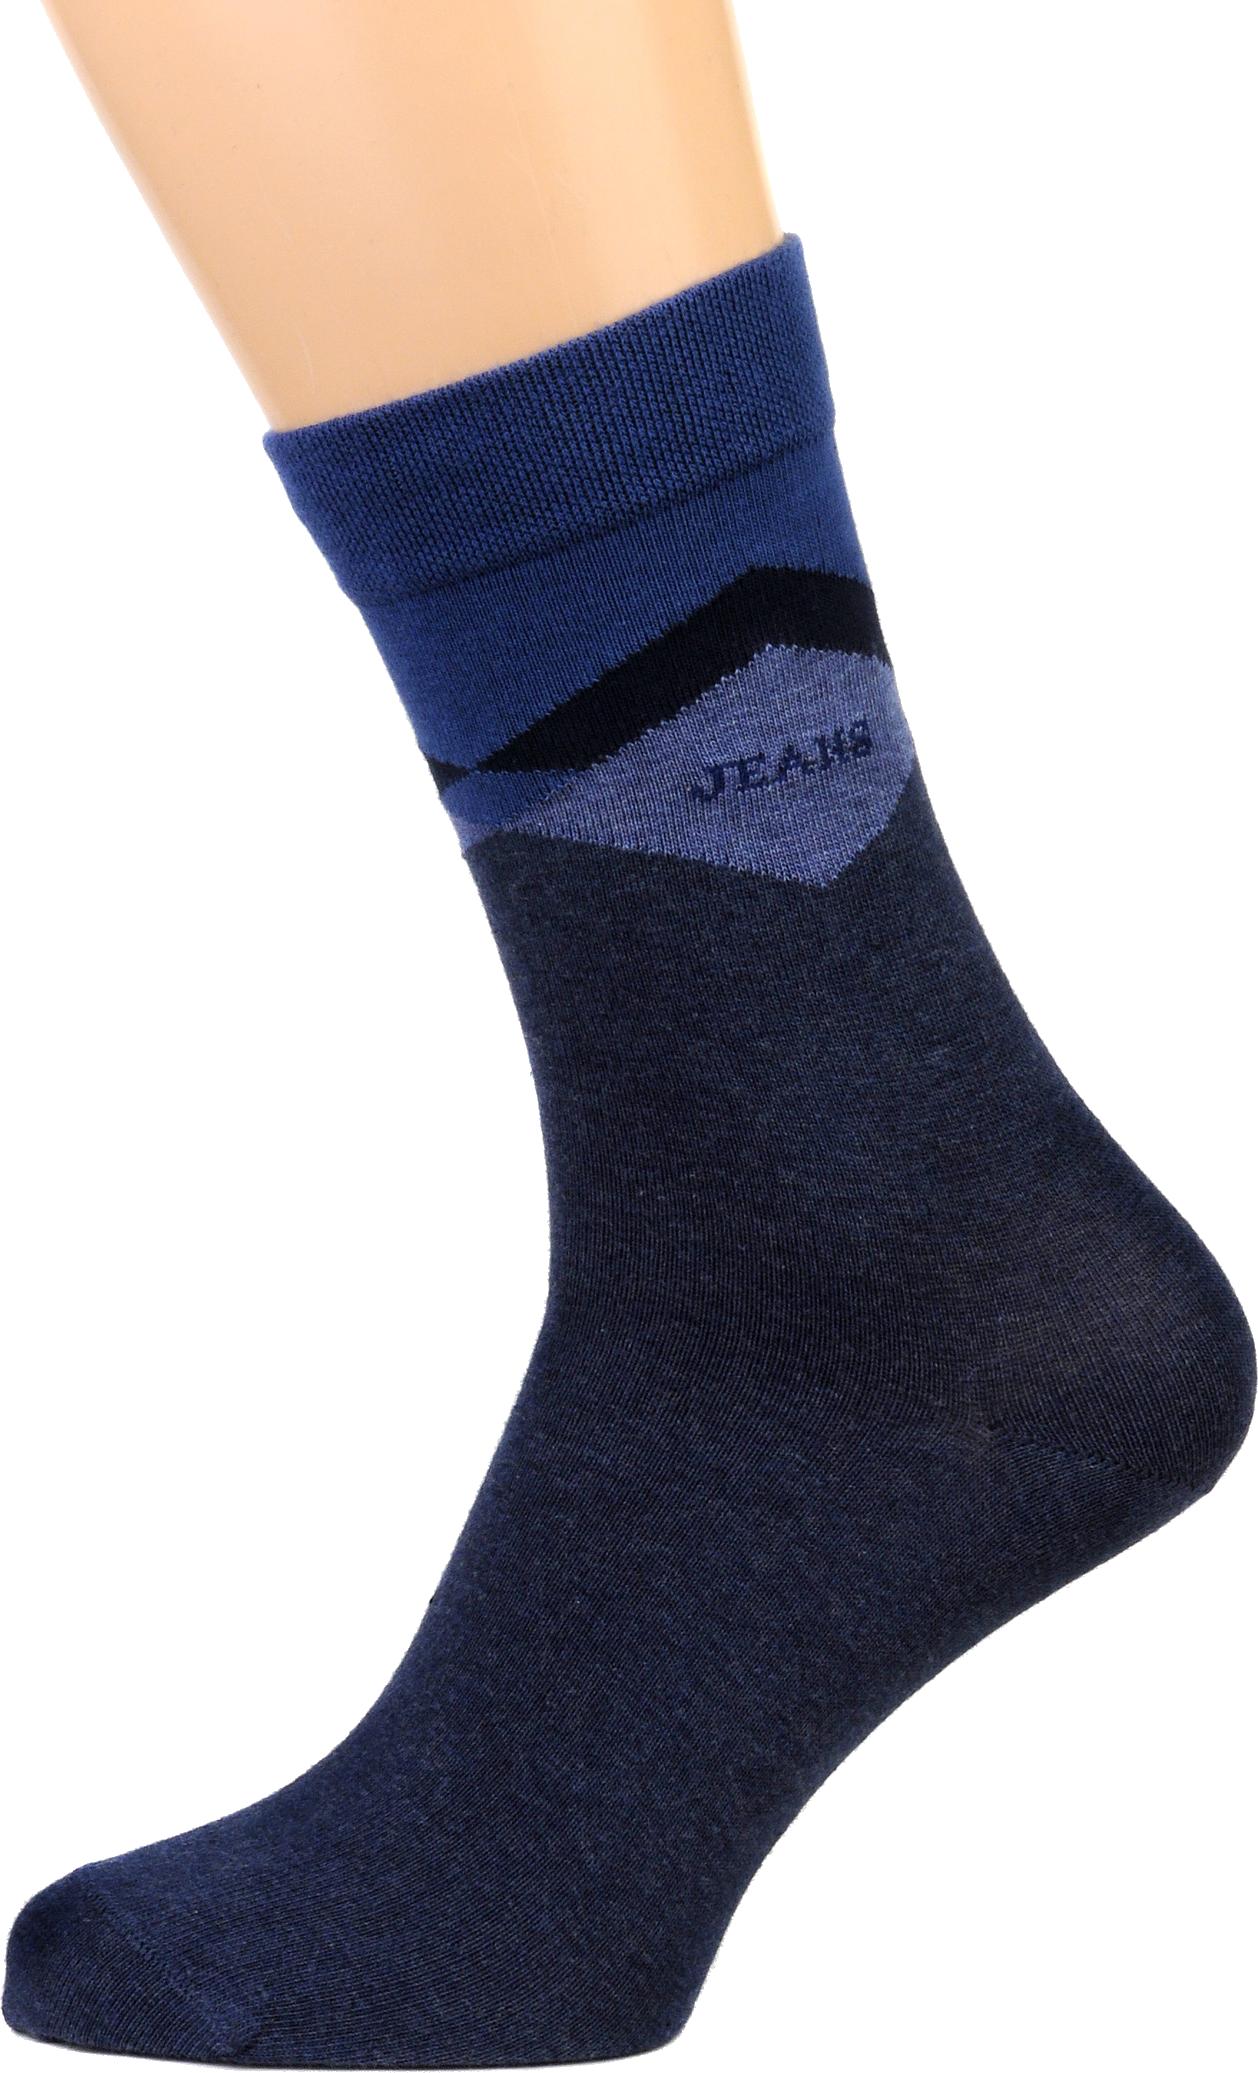 Black Socks PNG Image